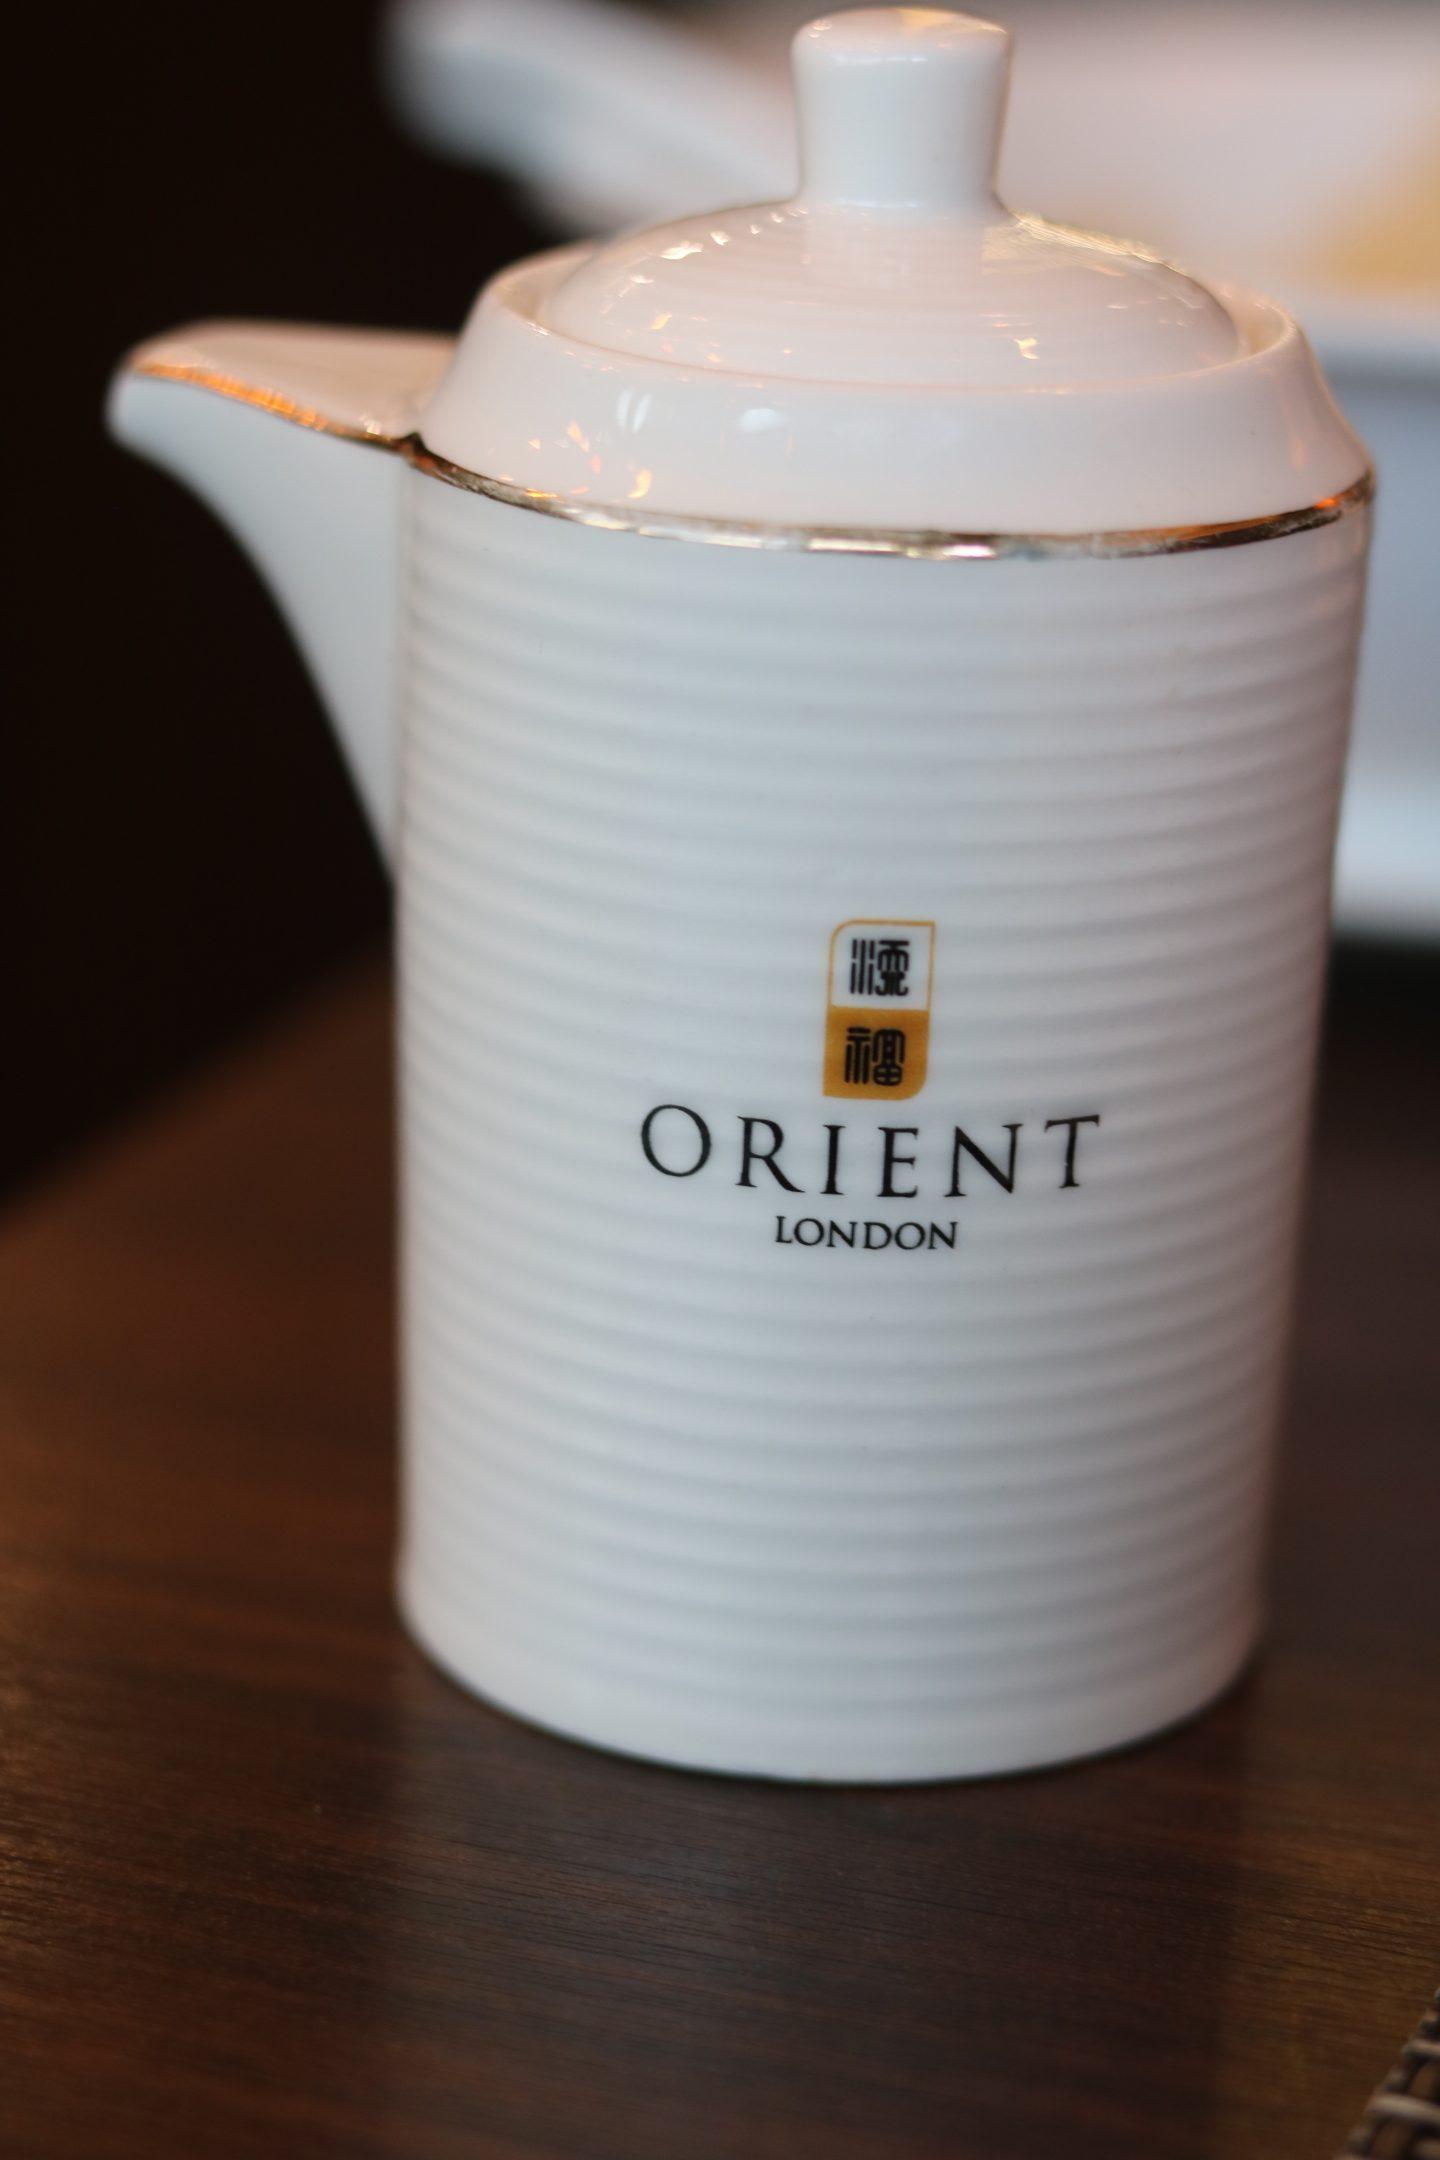 Review: Orient London